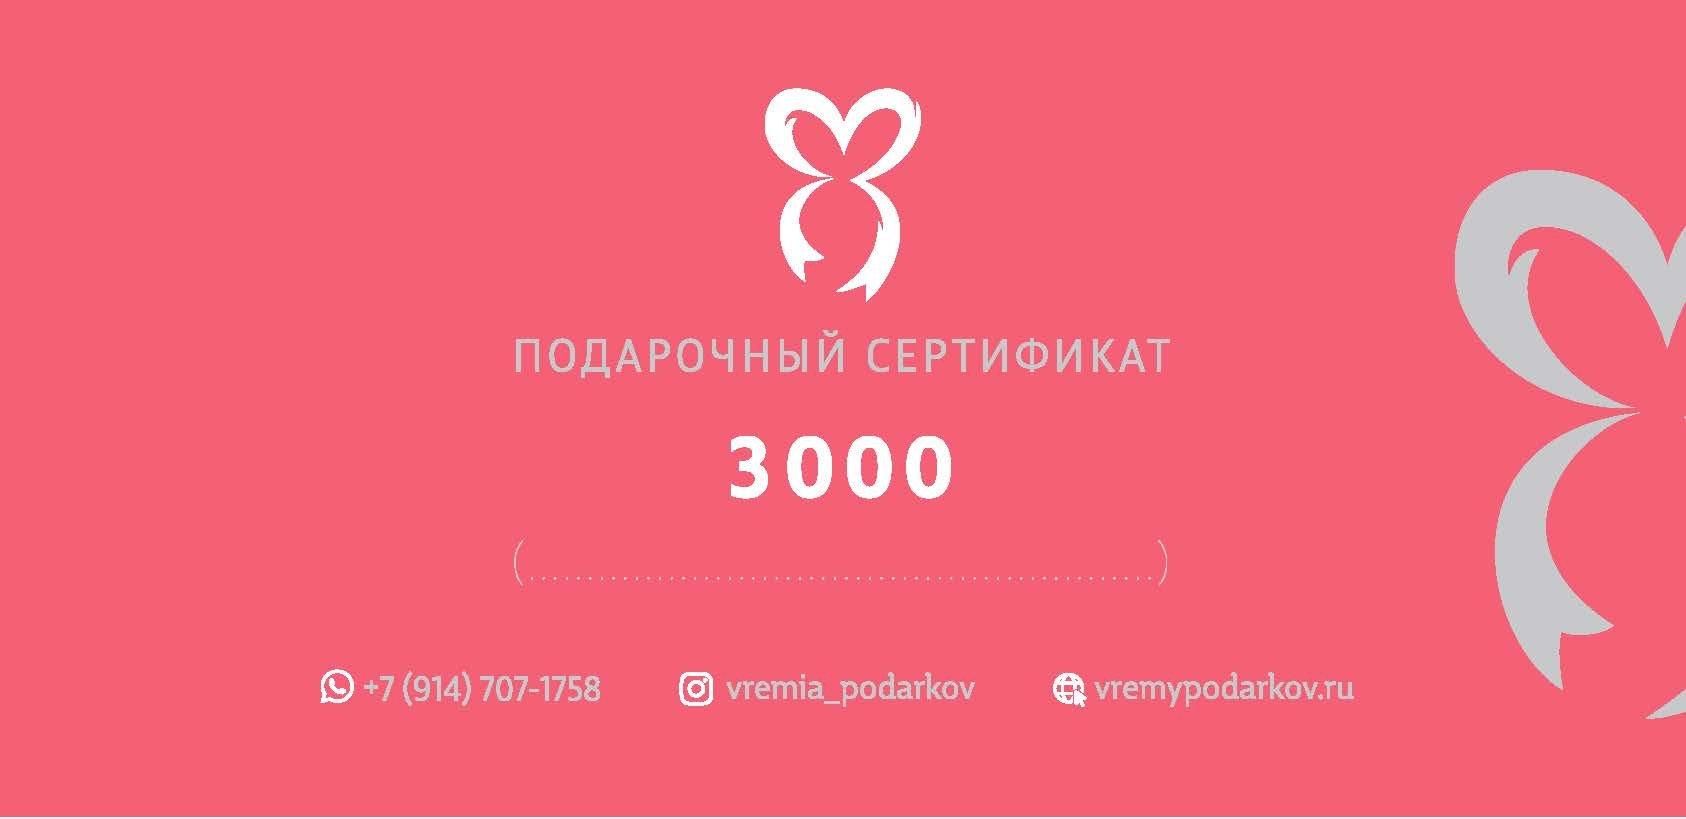 Подарочный сертификат 3000 фото